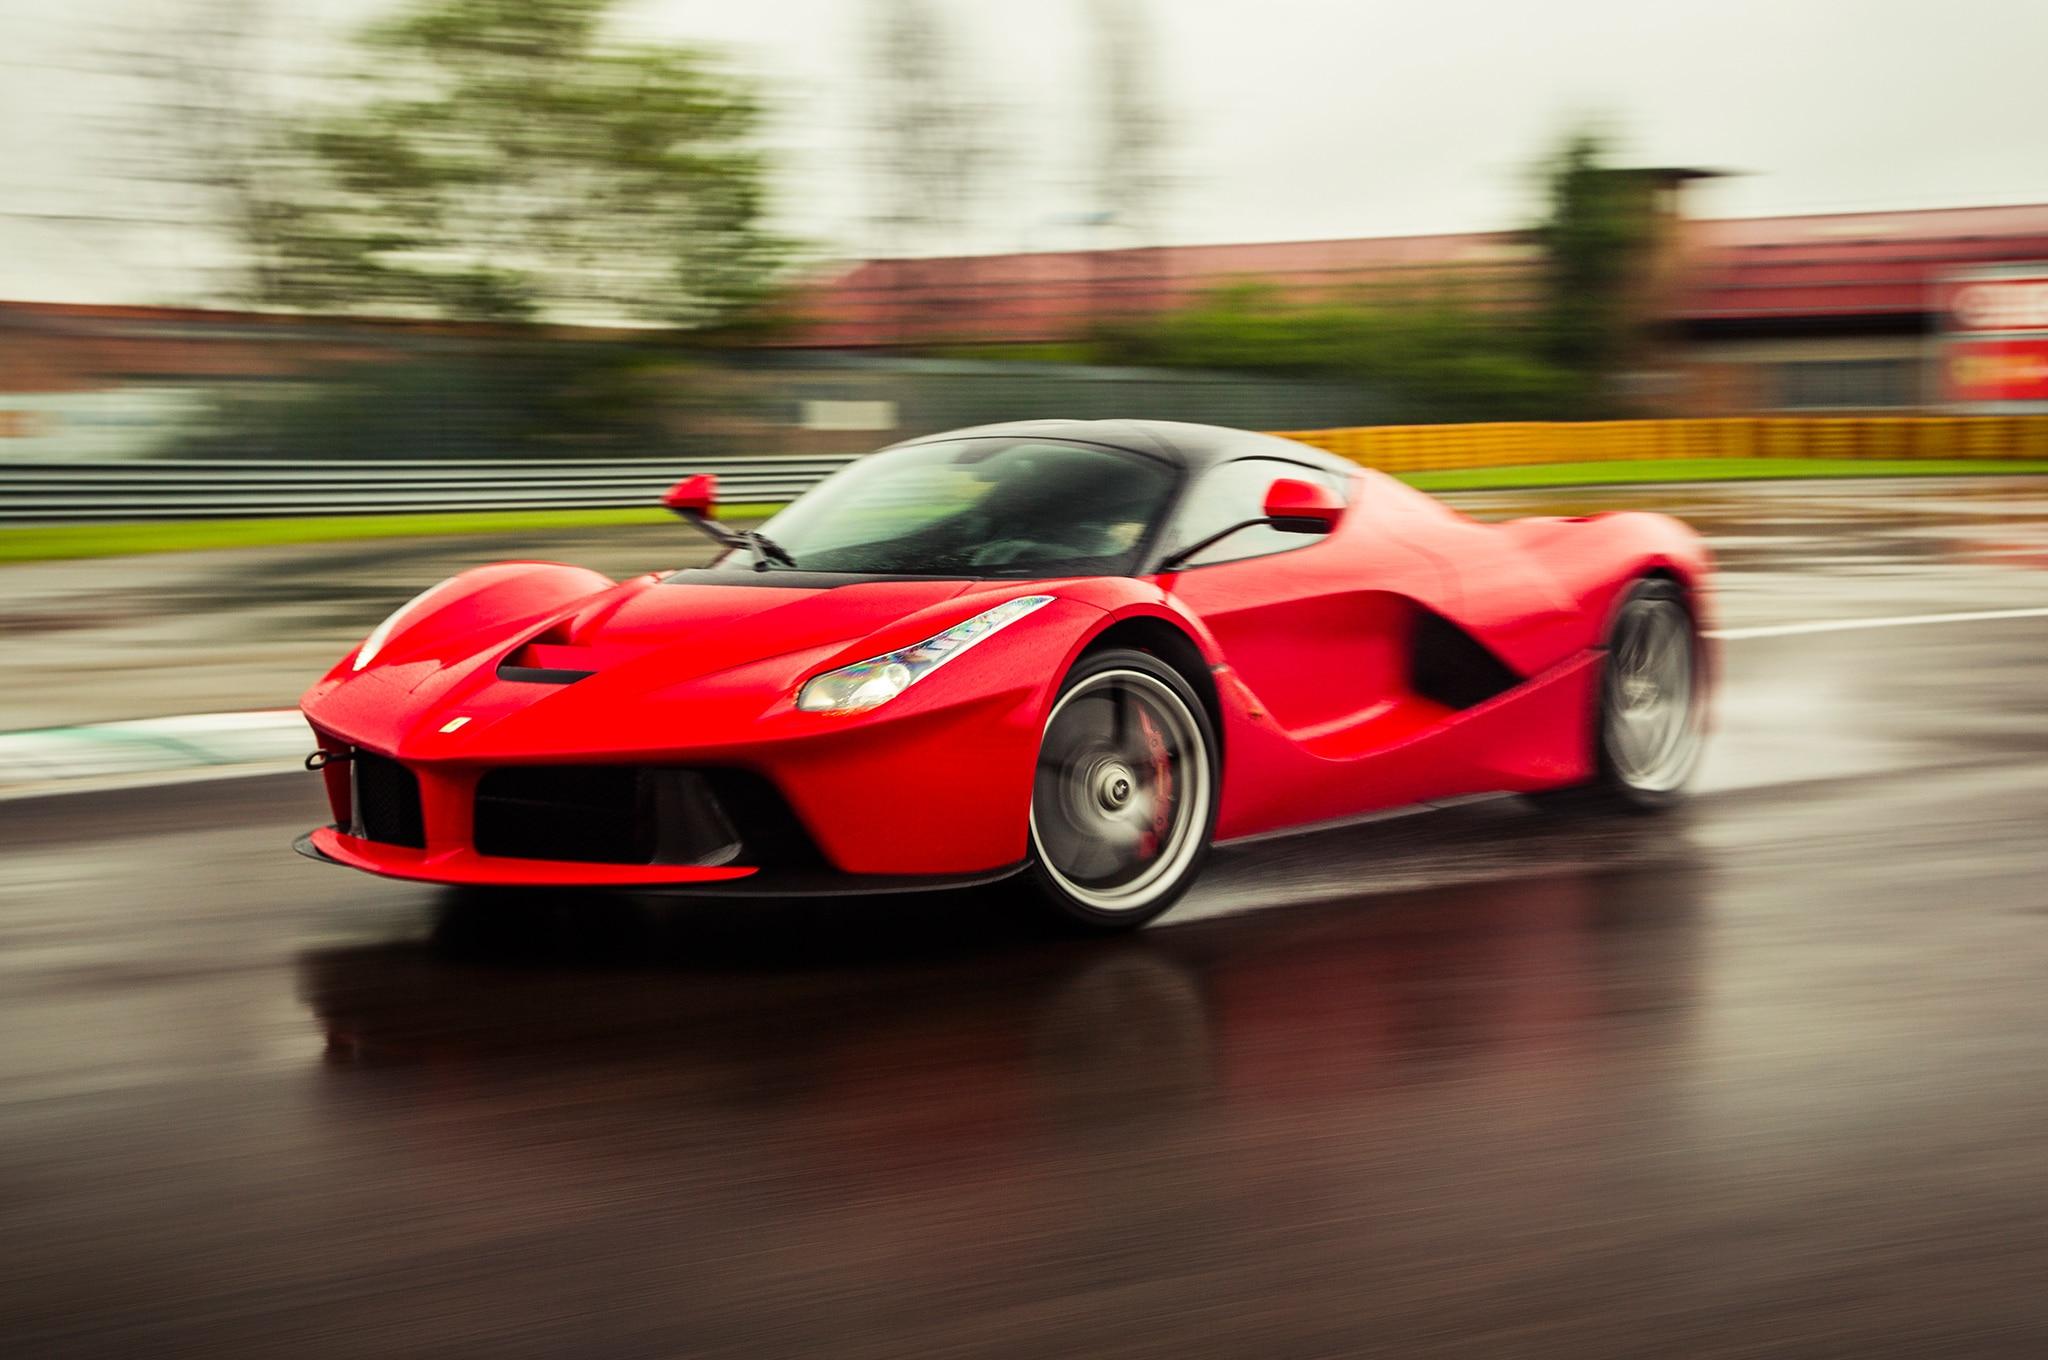 Ferrari Builds One More LaFerrari To Benefit Earthquake